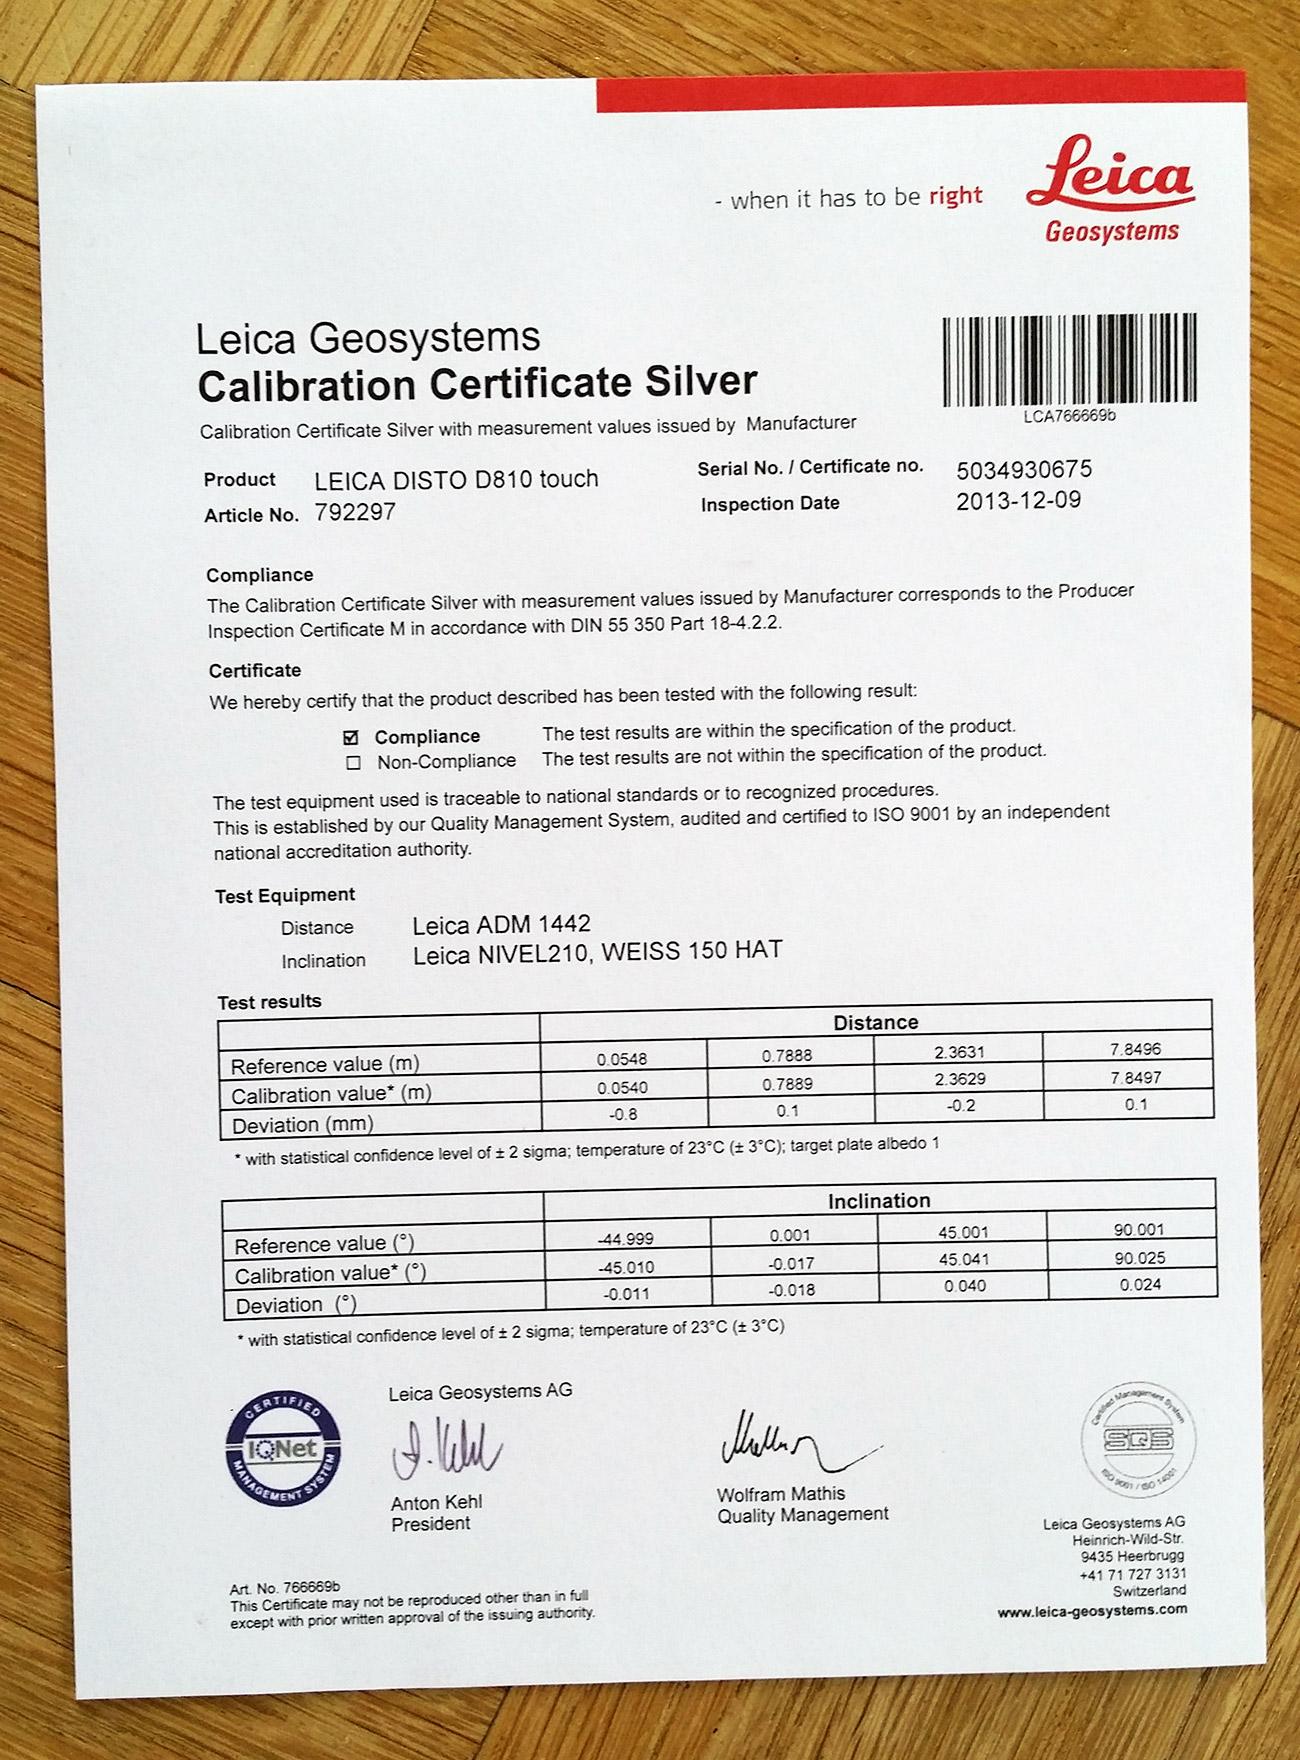 Certyfikat ISO 16331-1 potwierdzający, że dalmierz spełnia normy fabryczne w zakresie zasięgu i dokładności